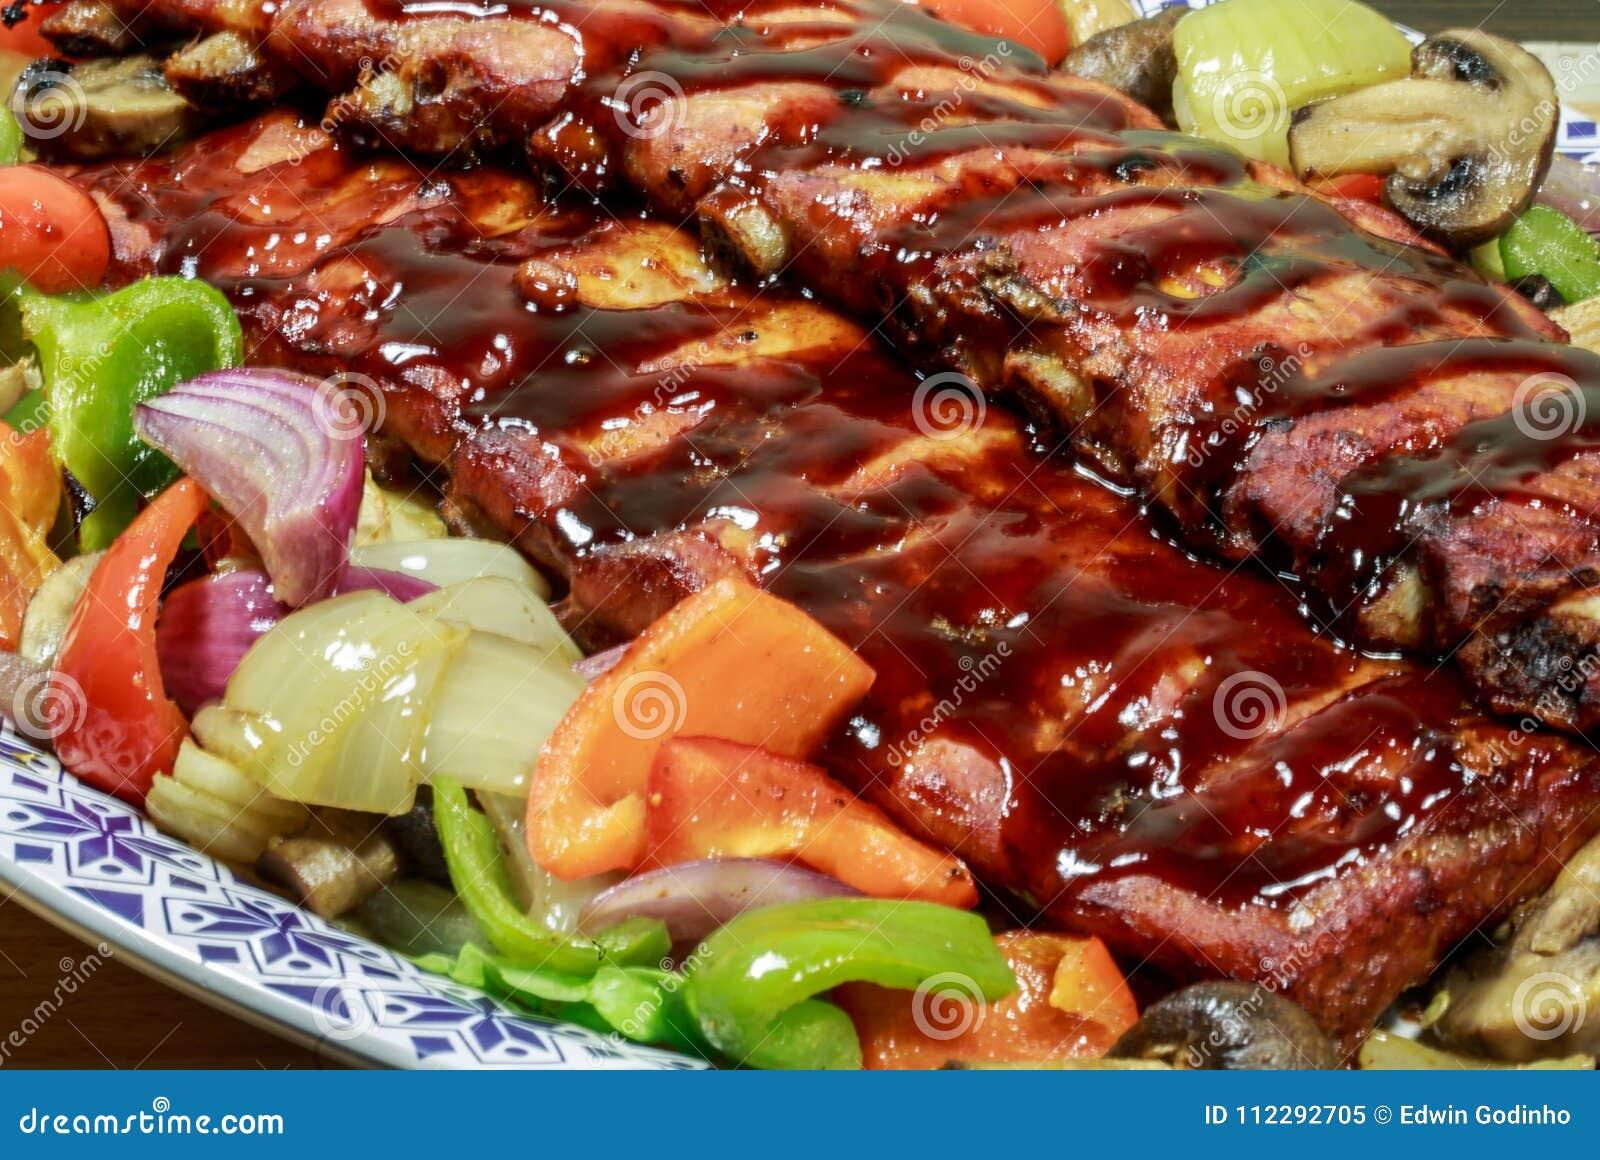 肋骨机架烹调了与烤肉汁和烘烤菜